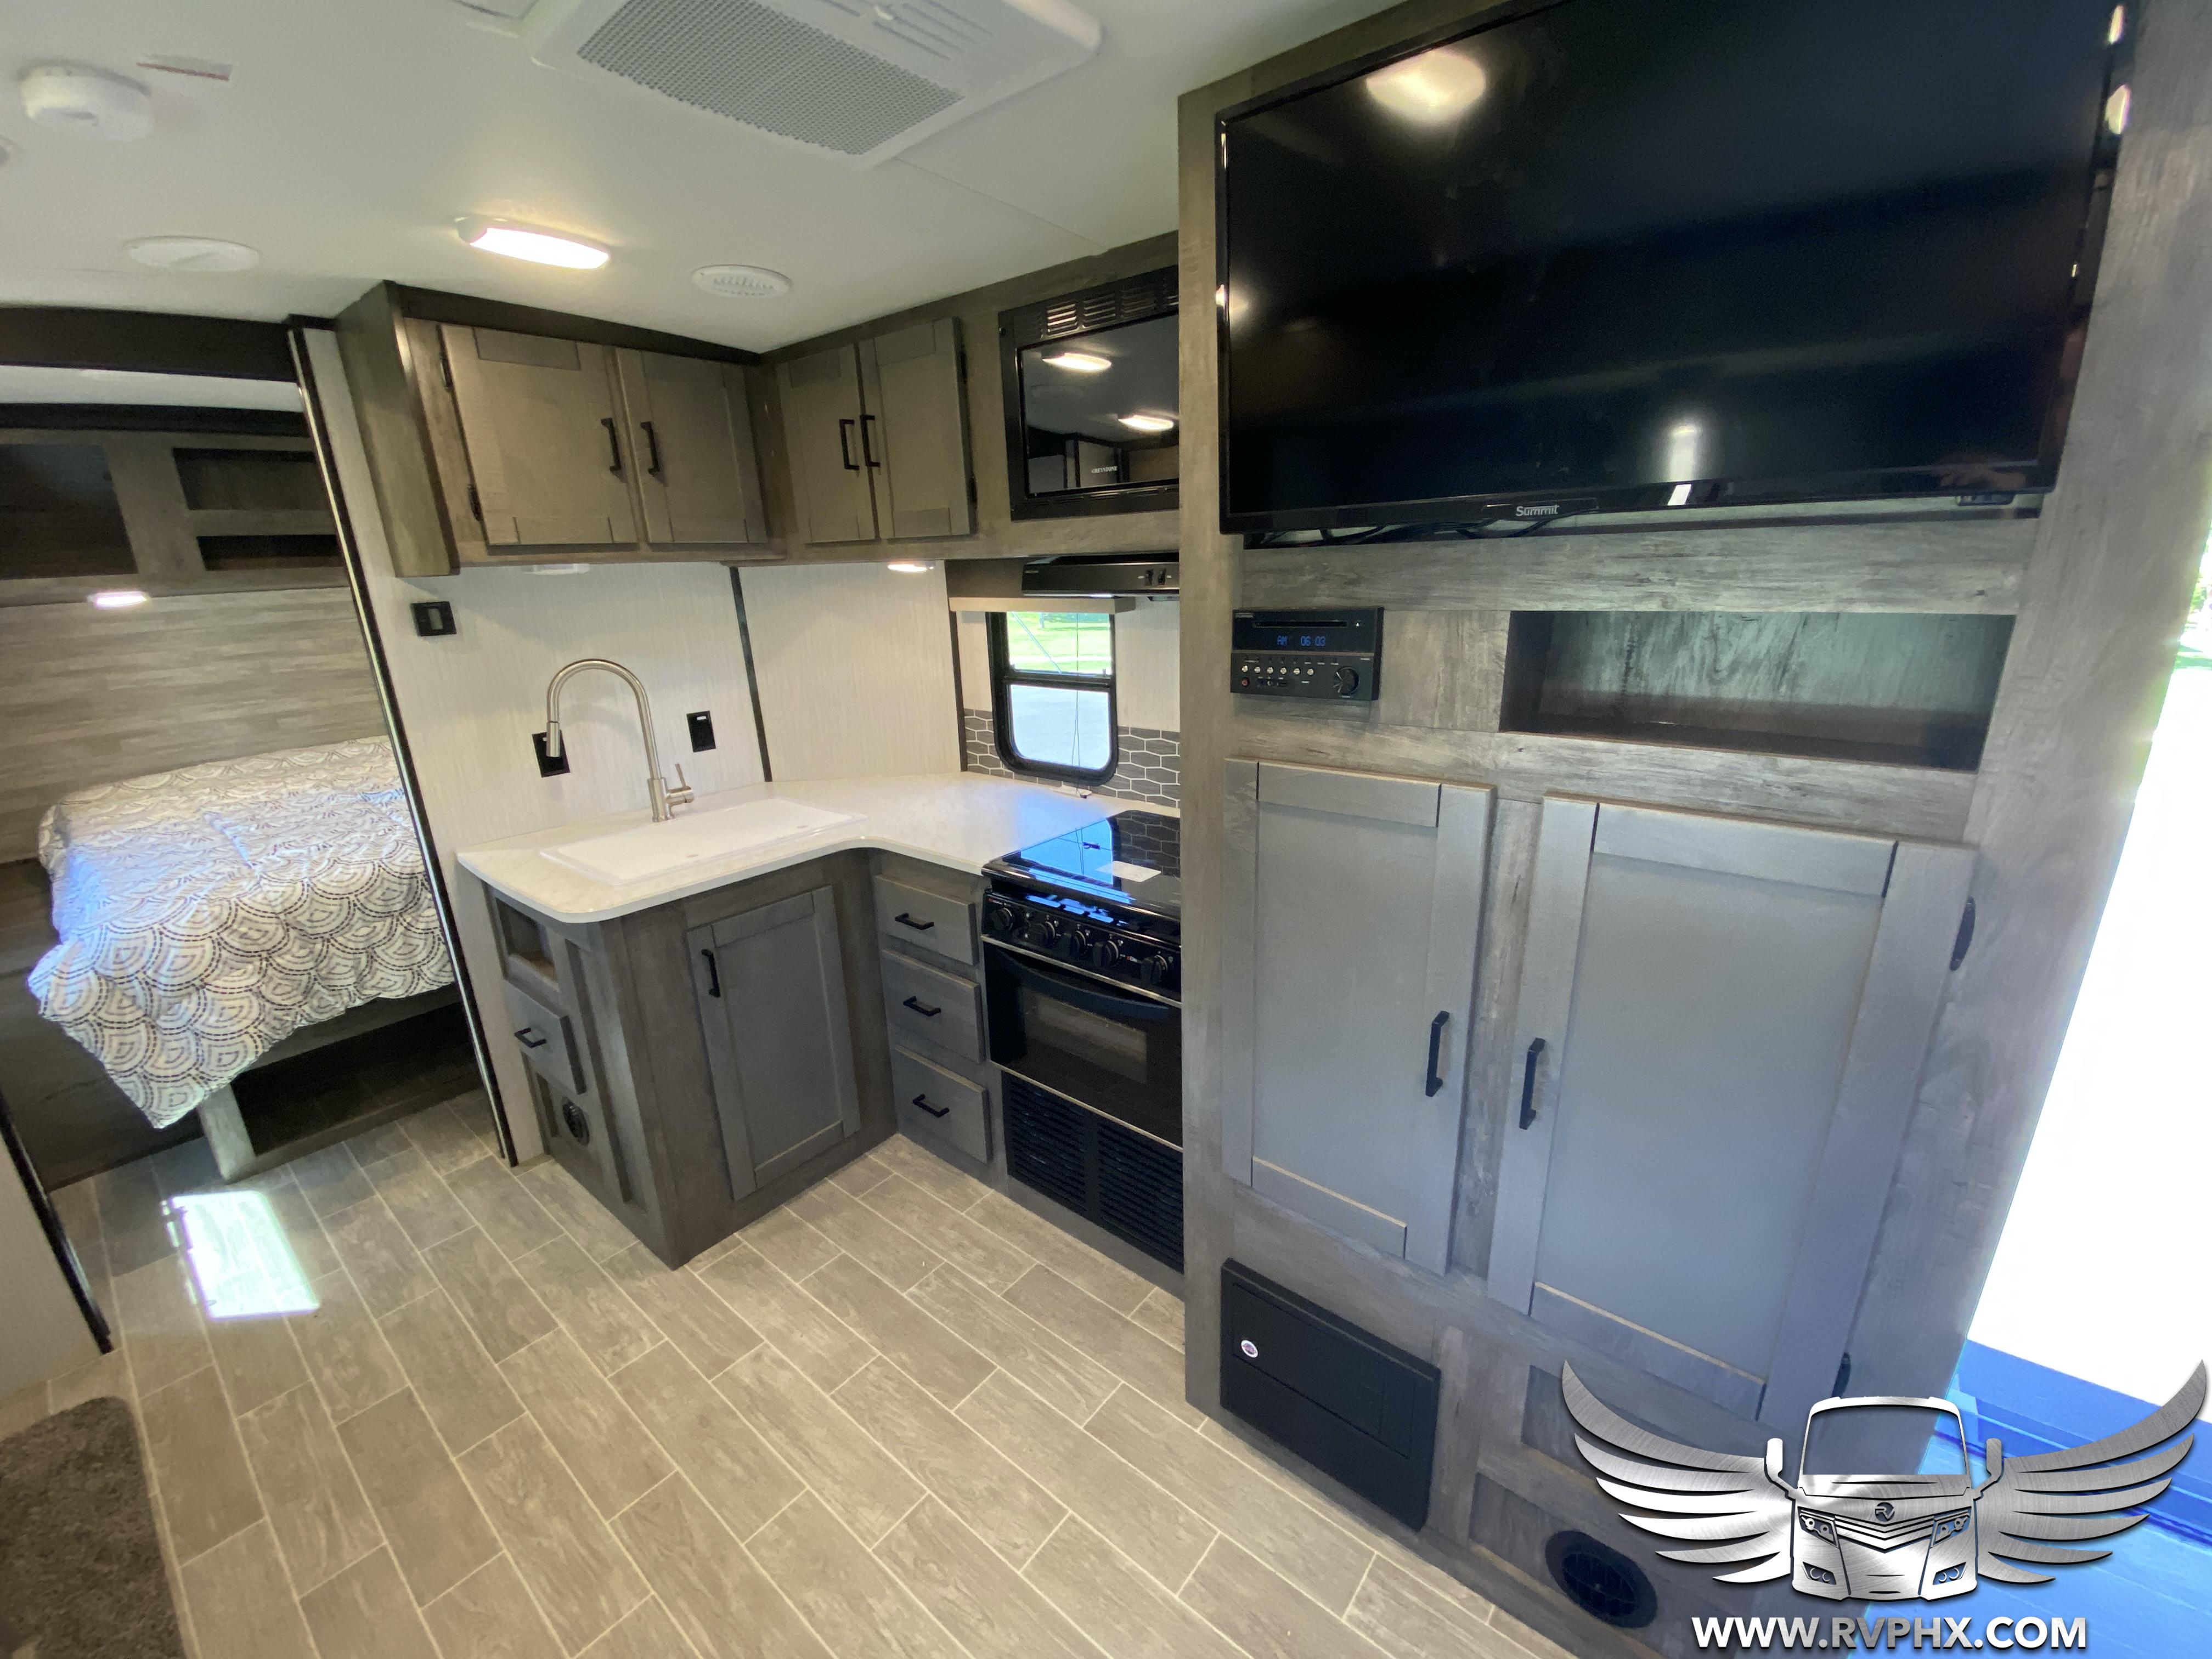 2510bh kitchen